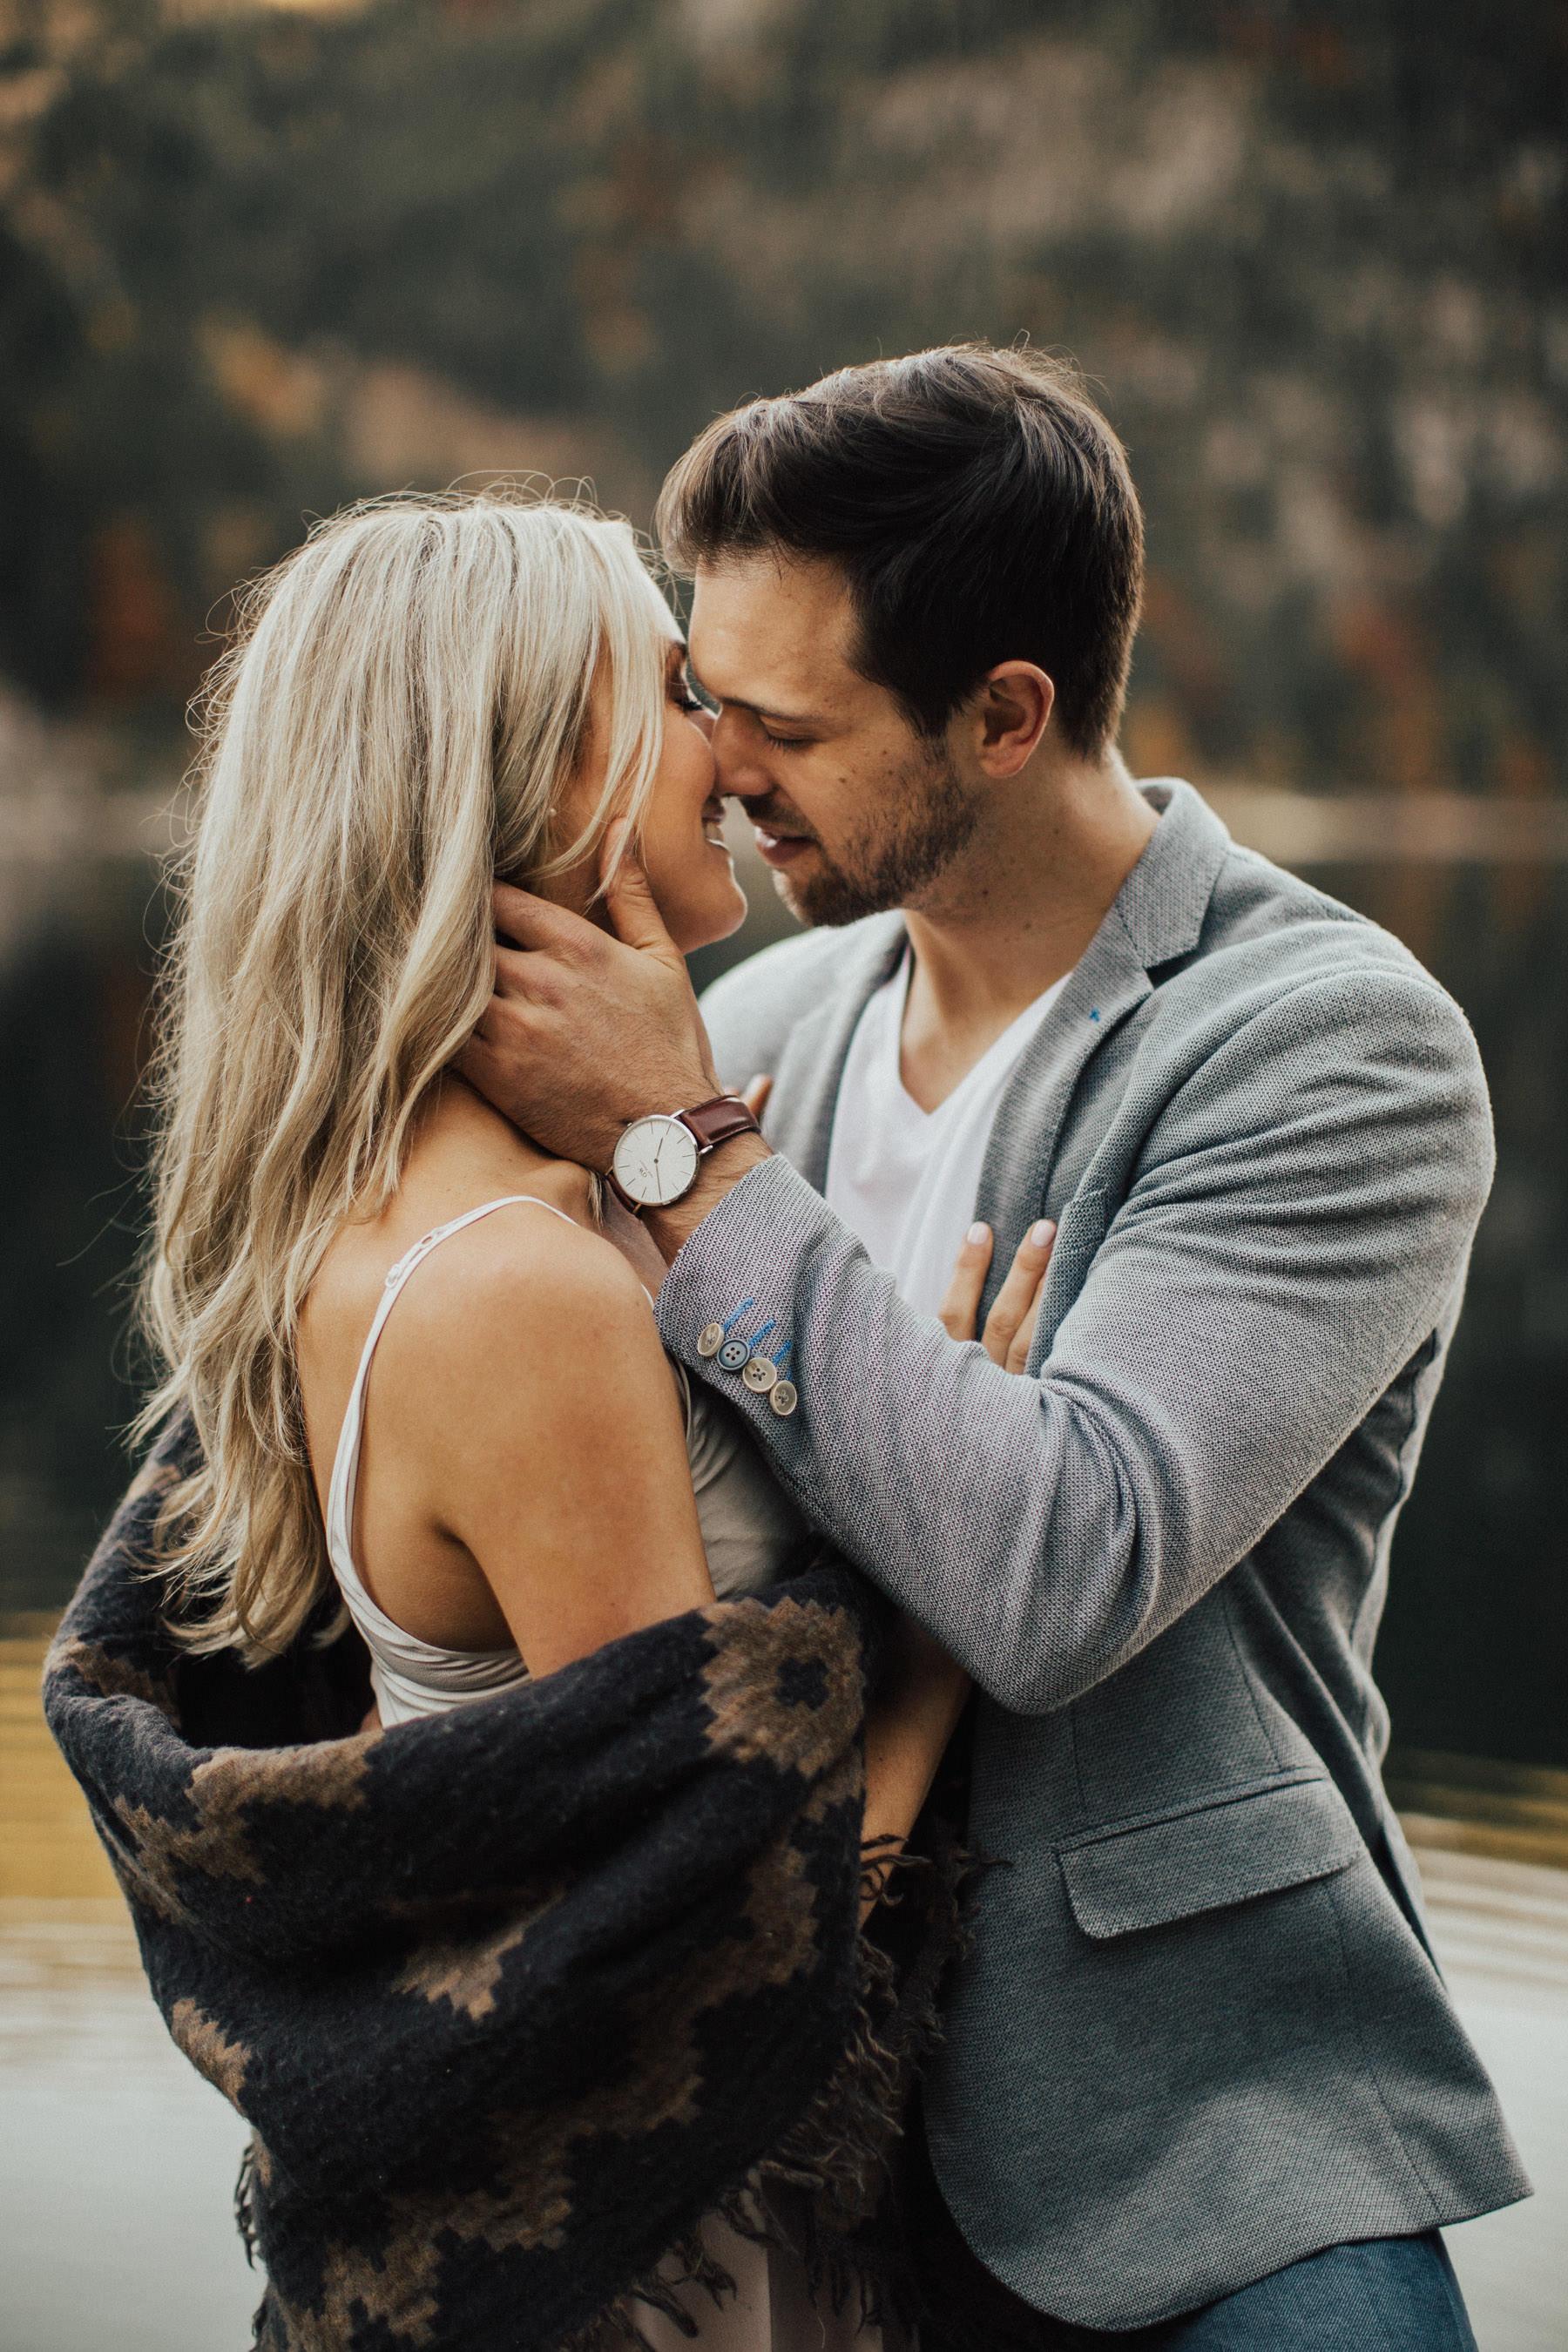 küssendes Paar mit verschwommenem Hintergrund und Licht von hinten